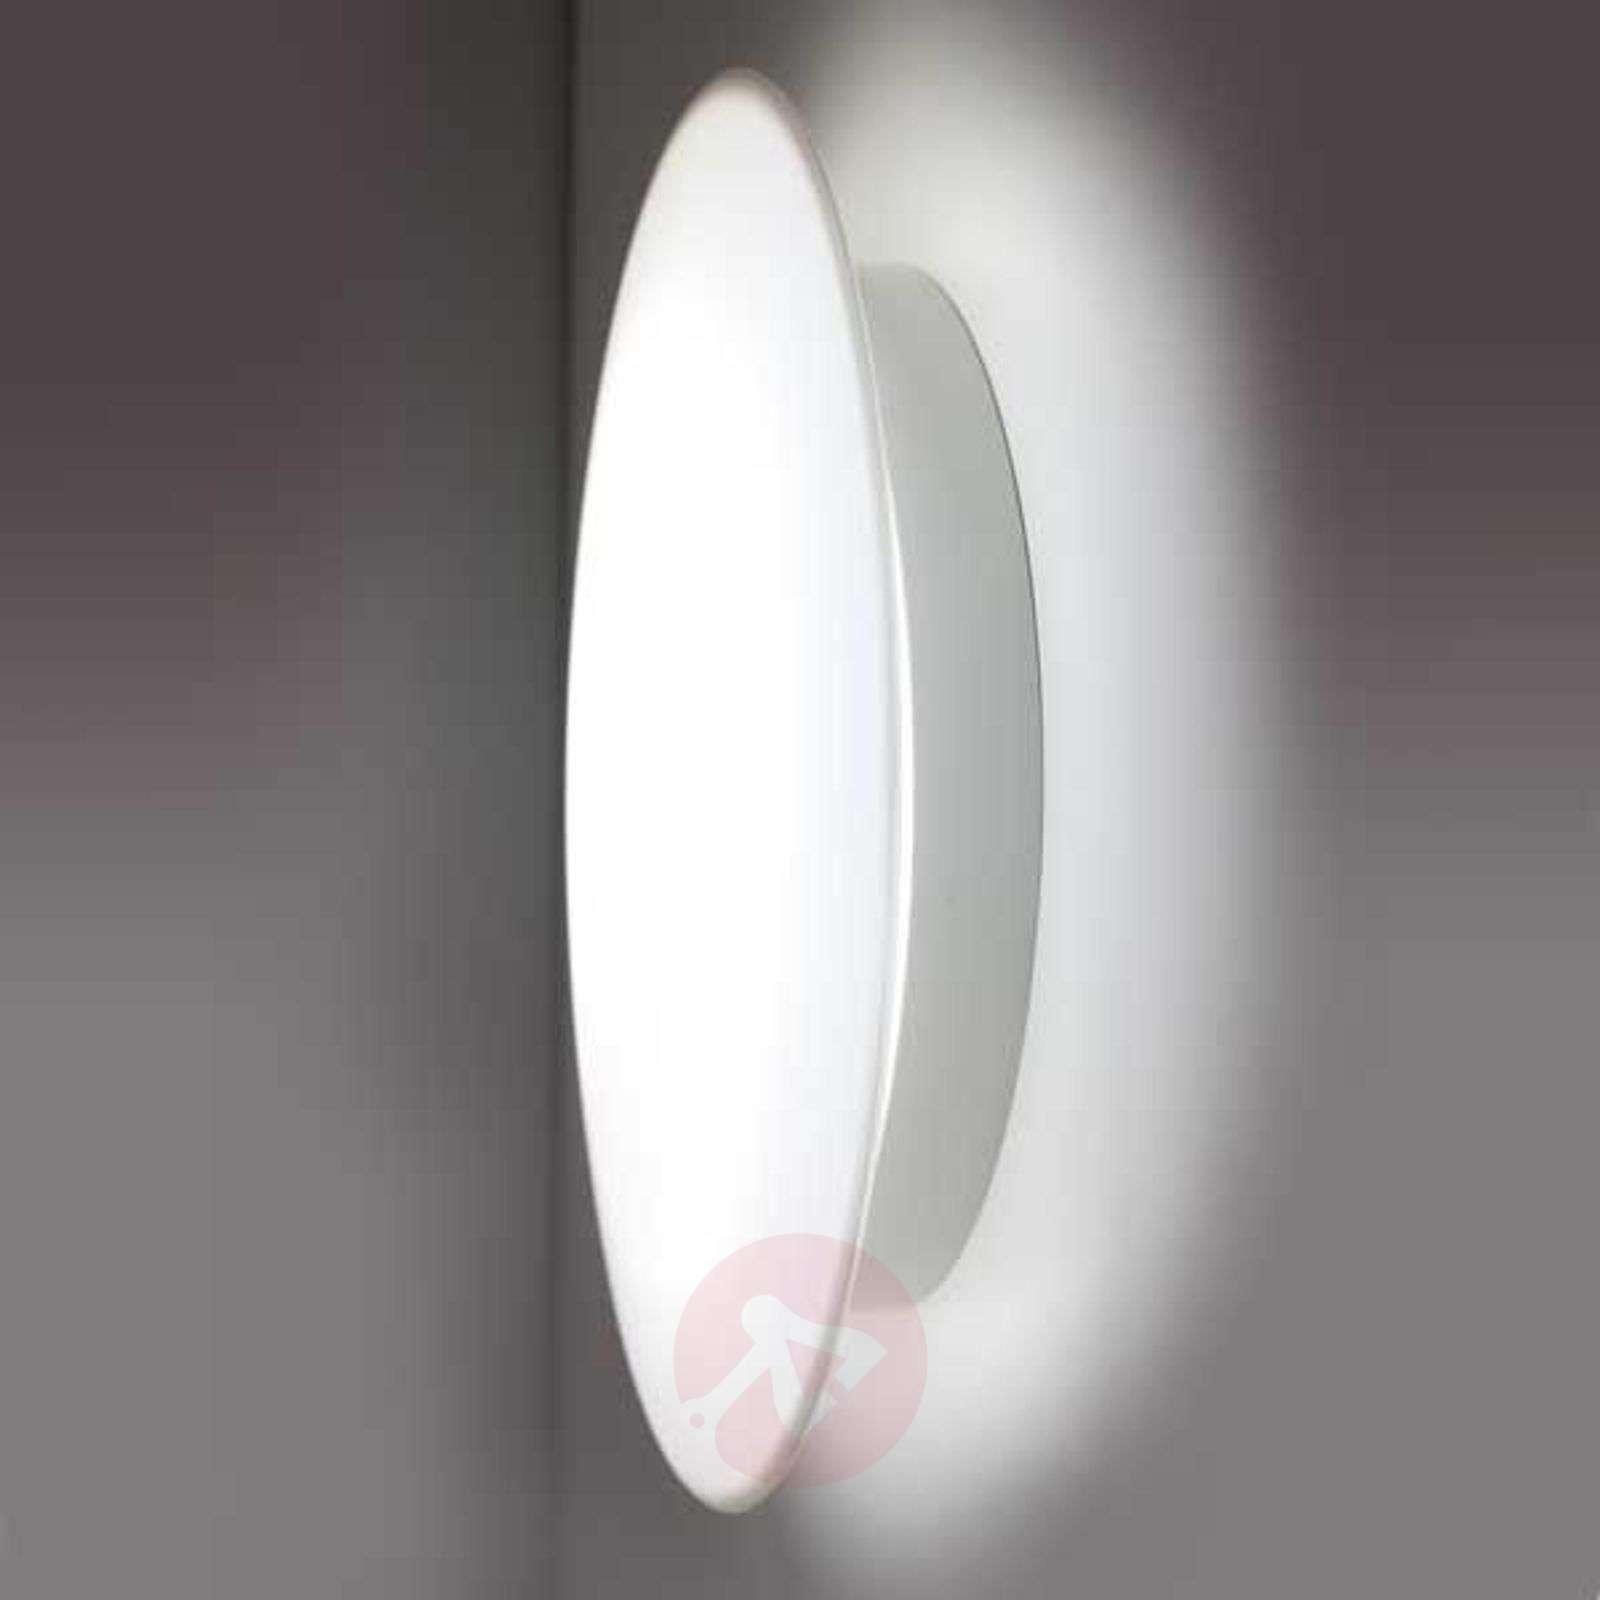 SUN 3 – tulevaisuuden LED-valaisin, valk., 13W 4K-1018247-01